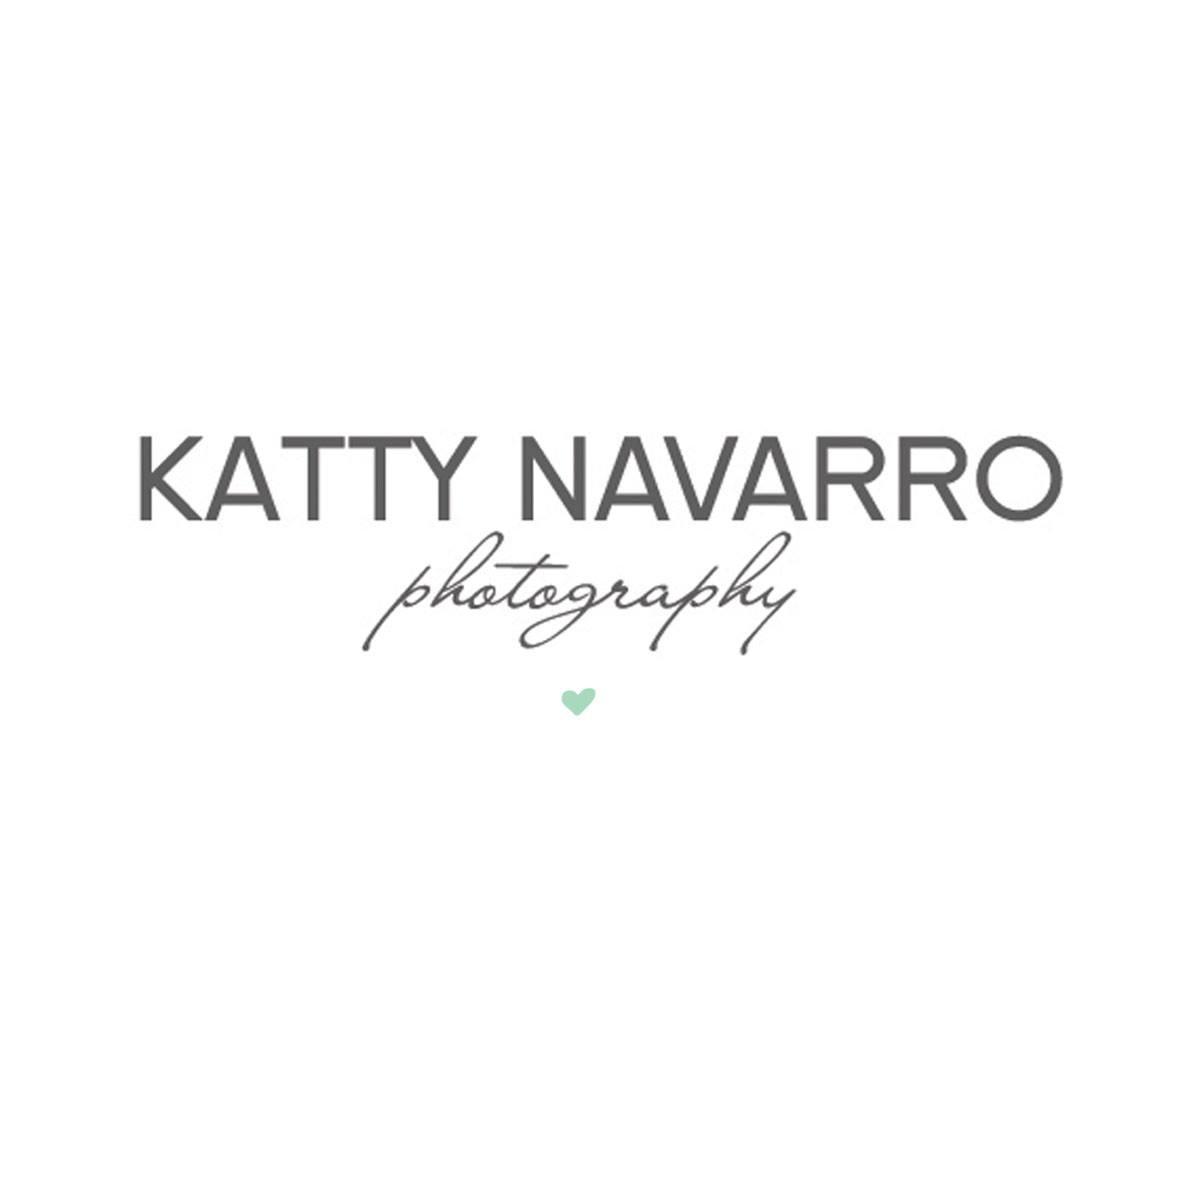 Katty Navarro Photography